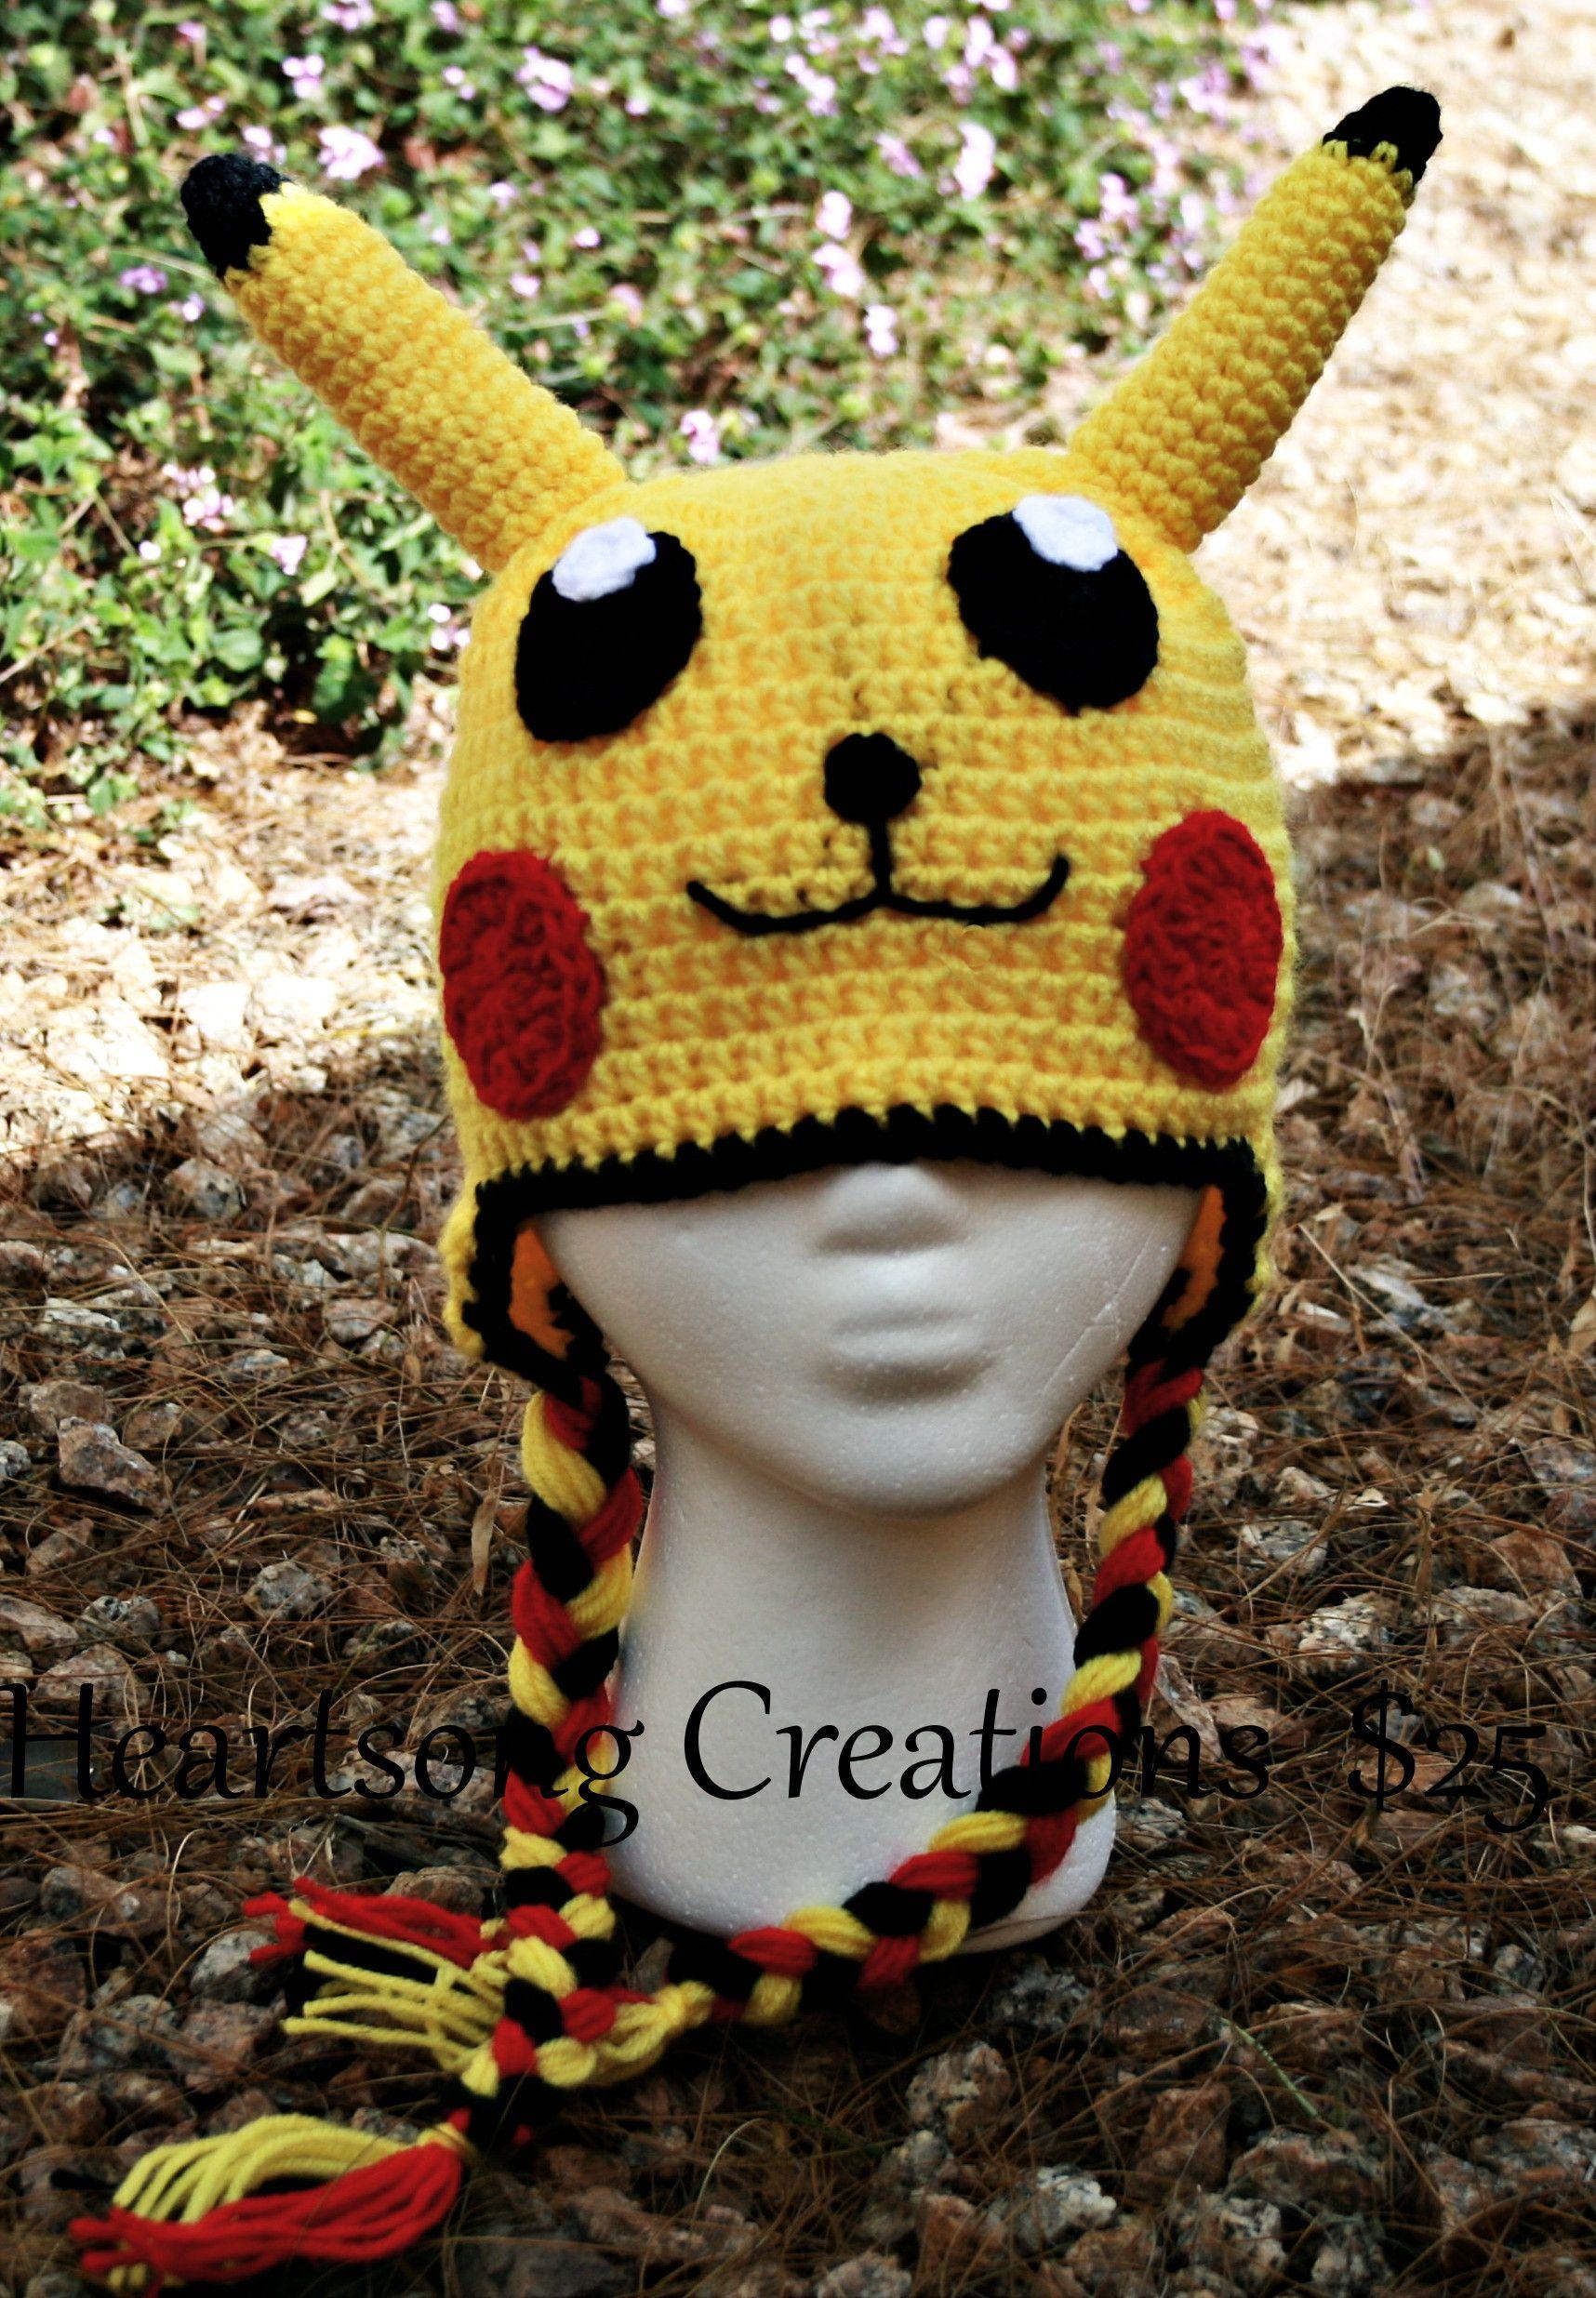 Pokemon inspired crochet hat | Crochet This | Pinterest | Pokémon ...